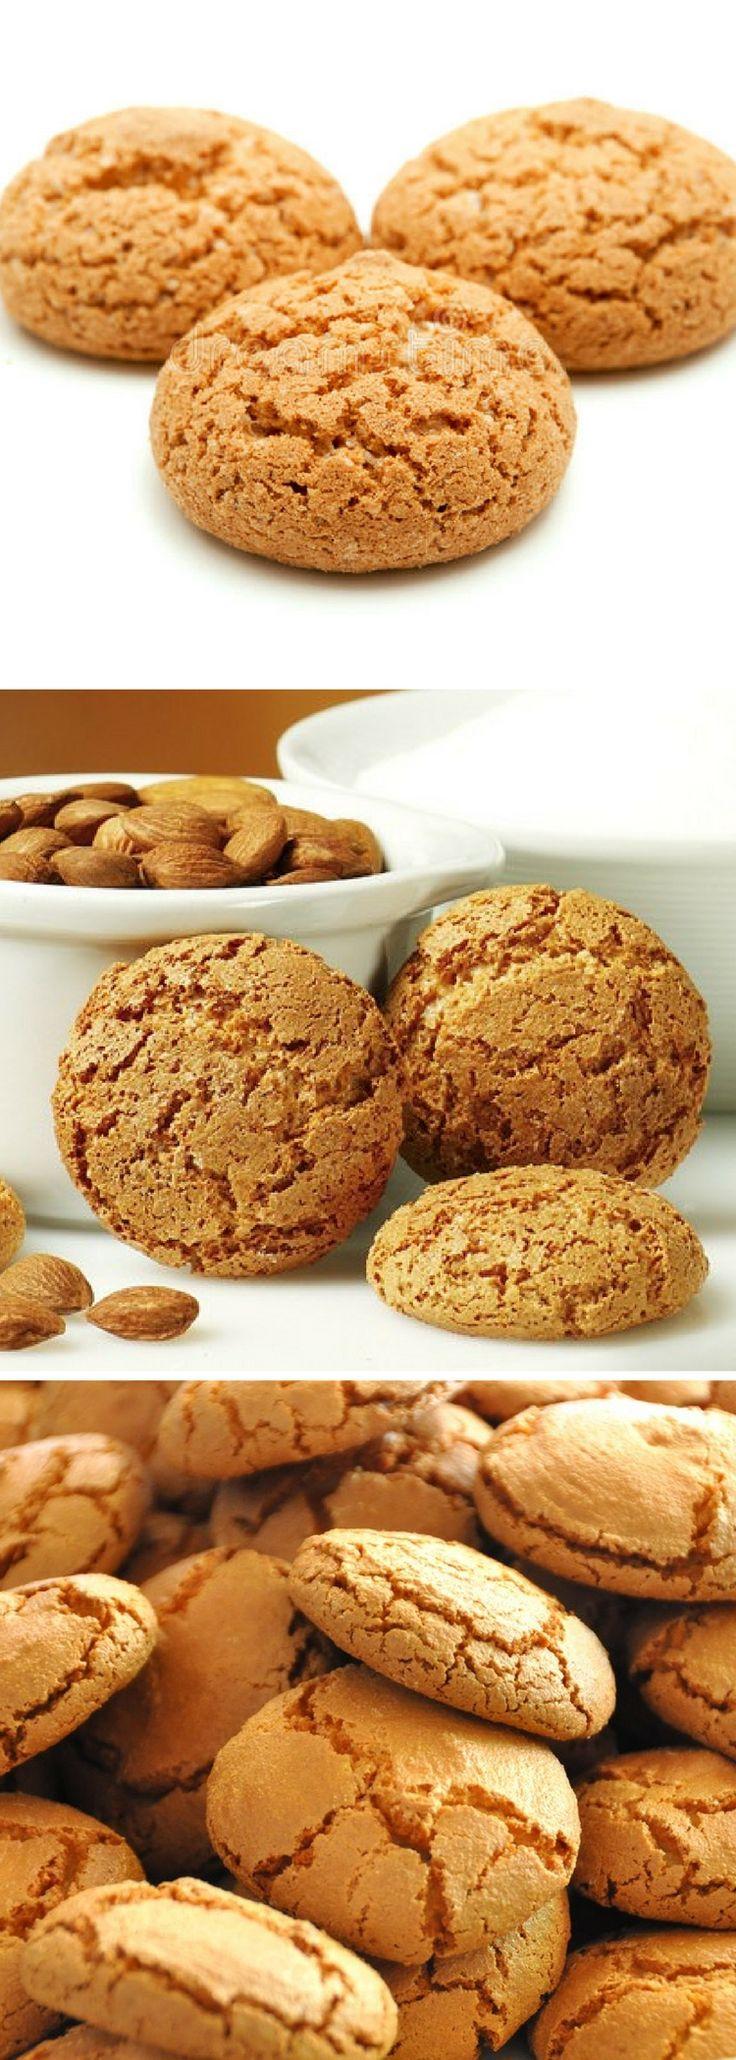 Receta de Amaretti son galletas presentes en todas las regiones de Italia hechas a base de pasta de almendra, elaborada con azúcar, clara de huevo, almendras dulces.